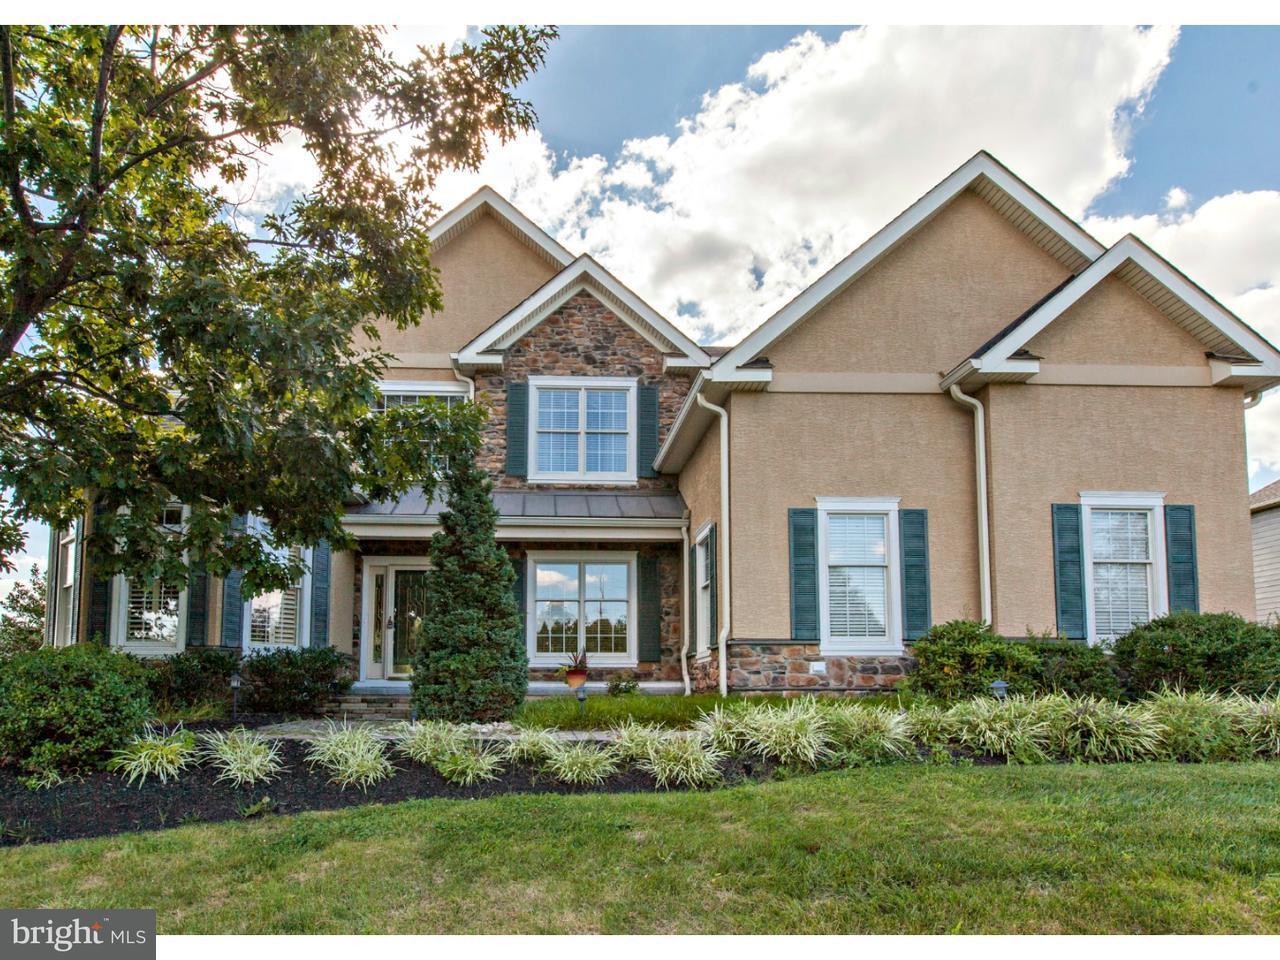 Maison unifamiliale pour l à louer à 143 PALSGROVE WAY Chester Springs, Pennsylvanie 19425 États-Unis